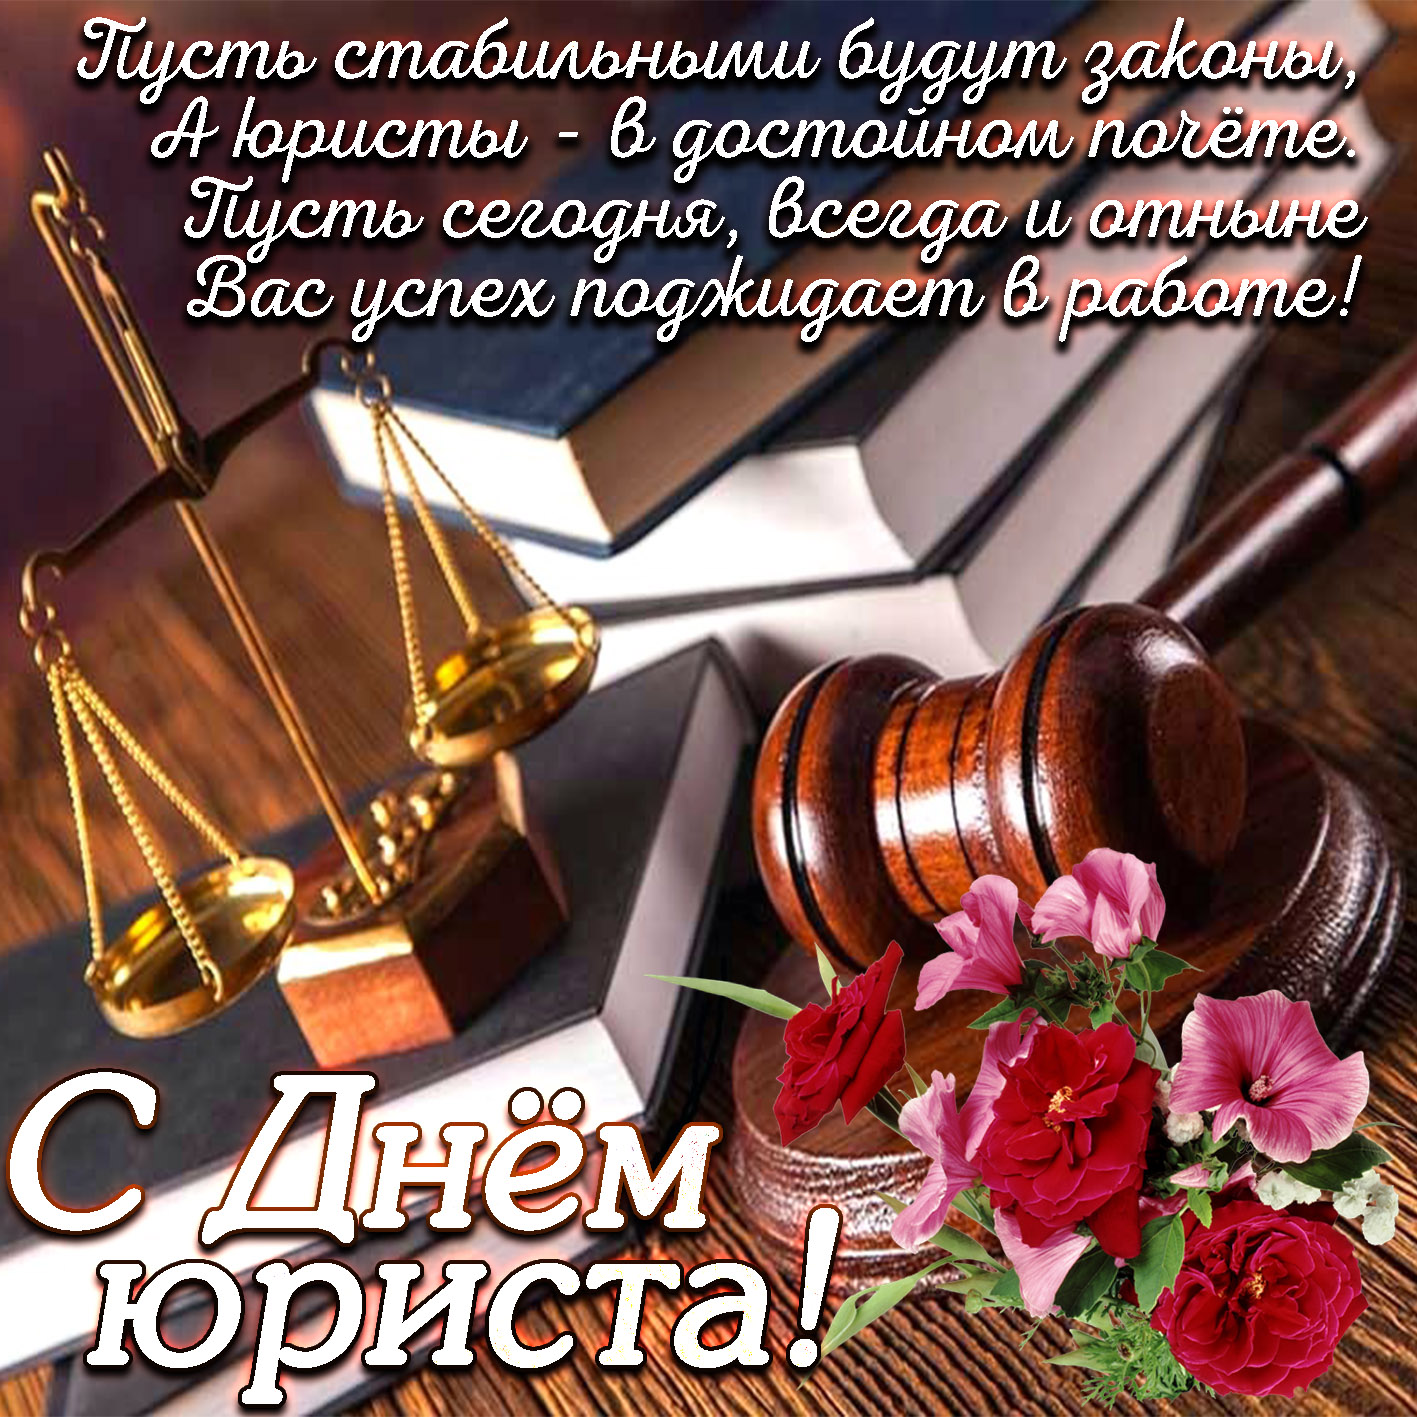 Поздравления юбилеем, открытки с поздравлением юриста